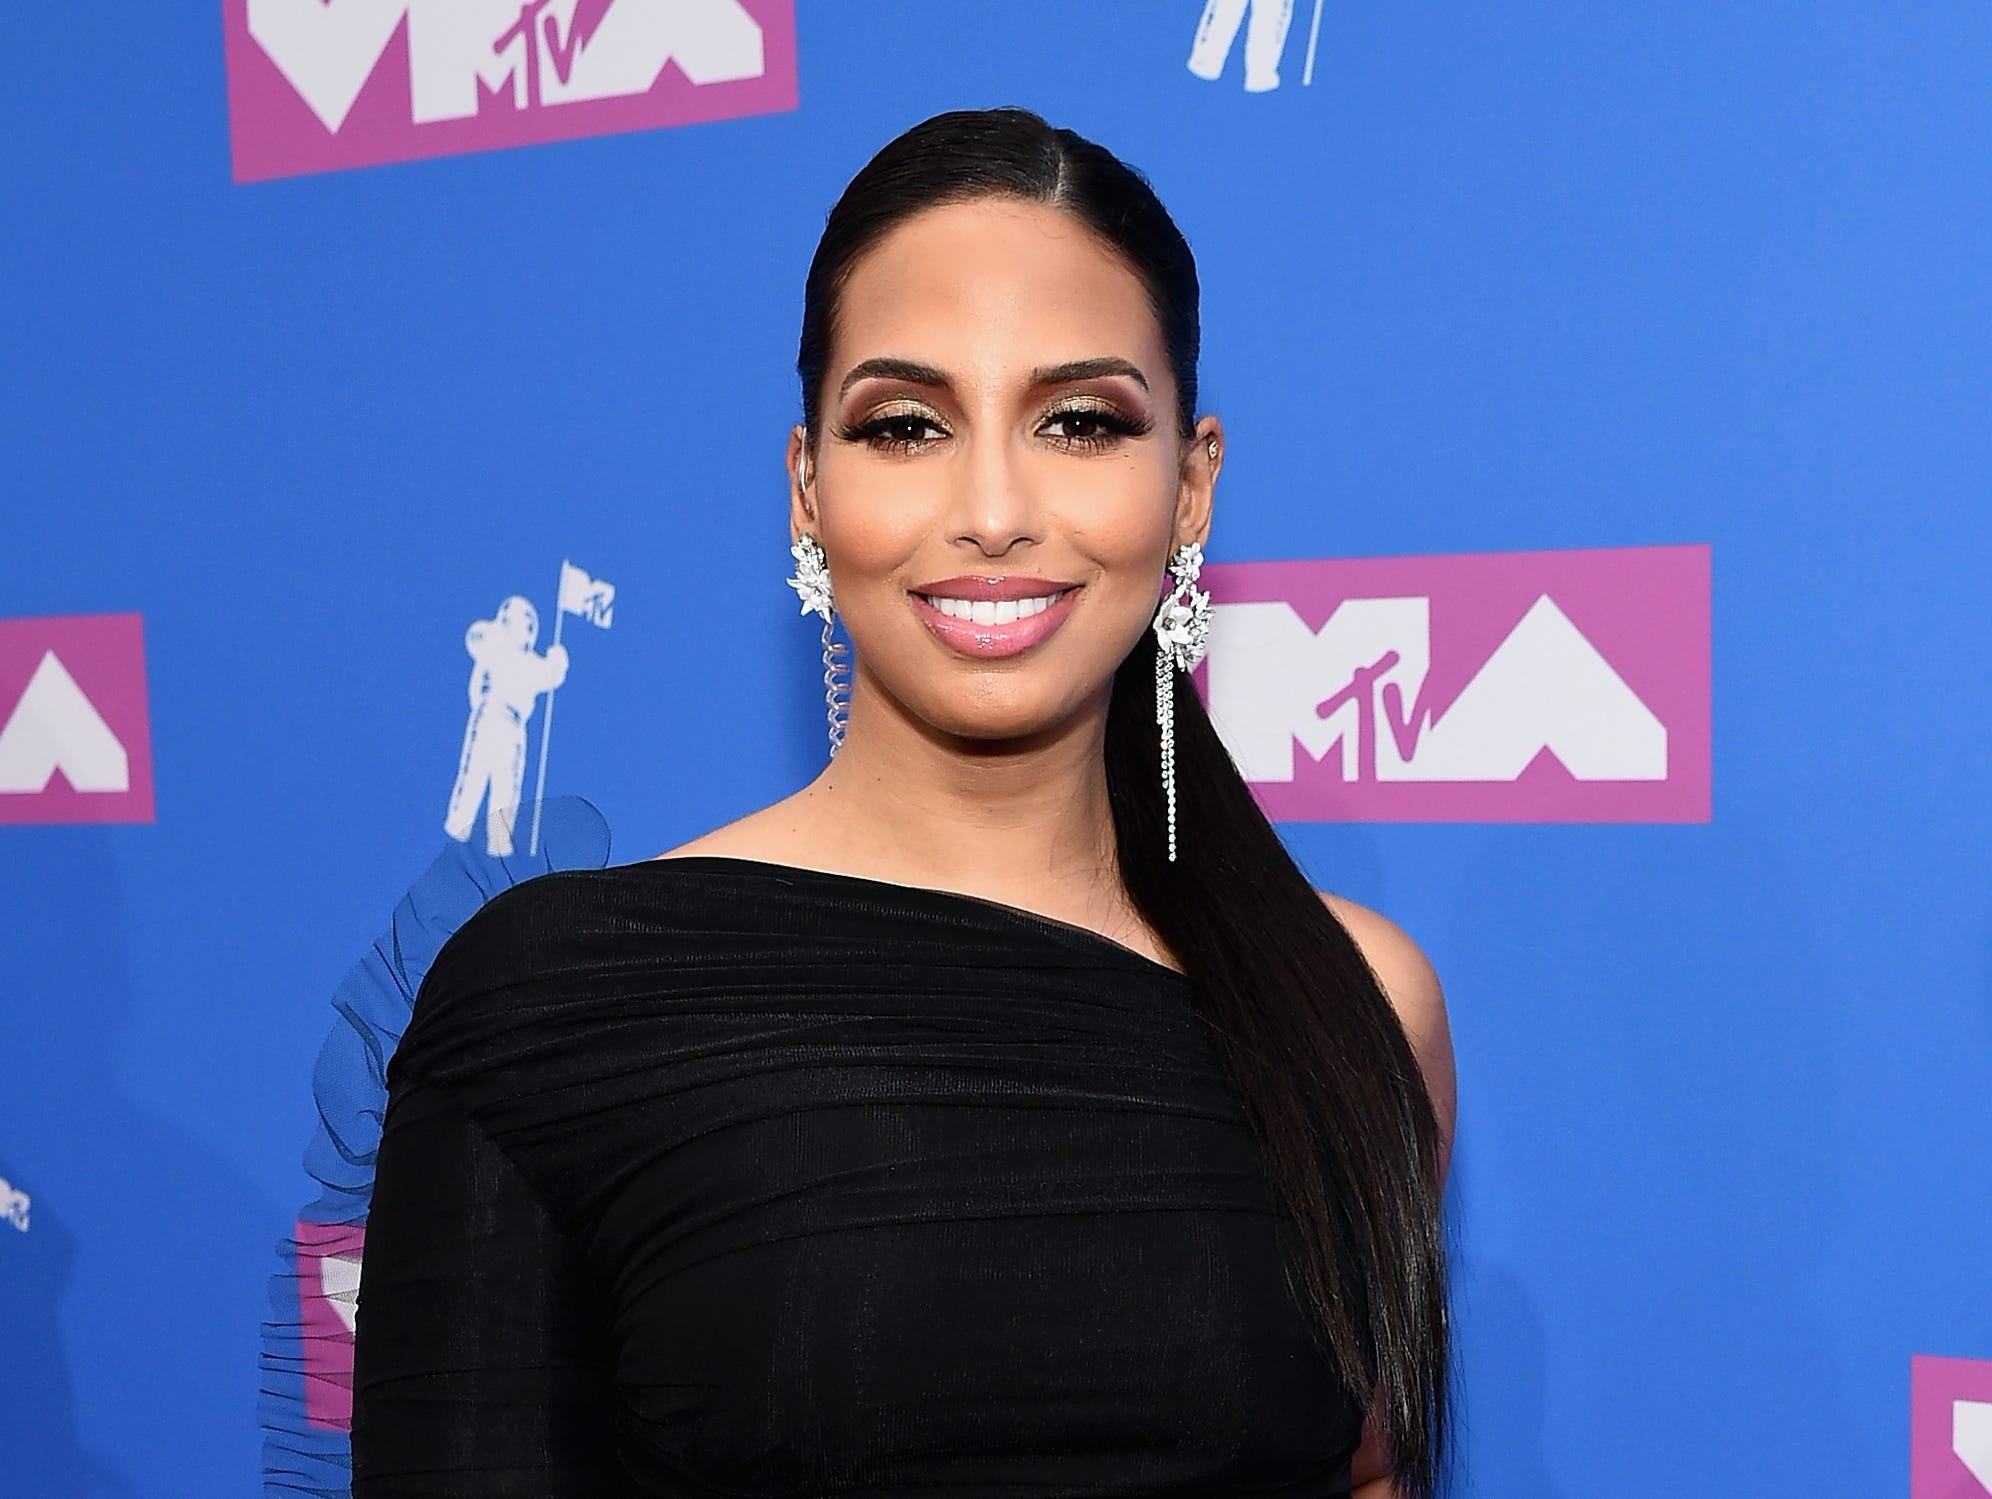 Nessa asiste a los MTV Video Music Awards 2018 en el Radio City Music Hall el 20 de agosto de 2018 en la ciudad de Nueva York.